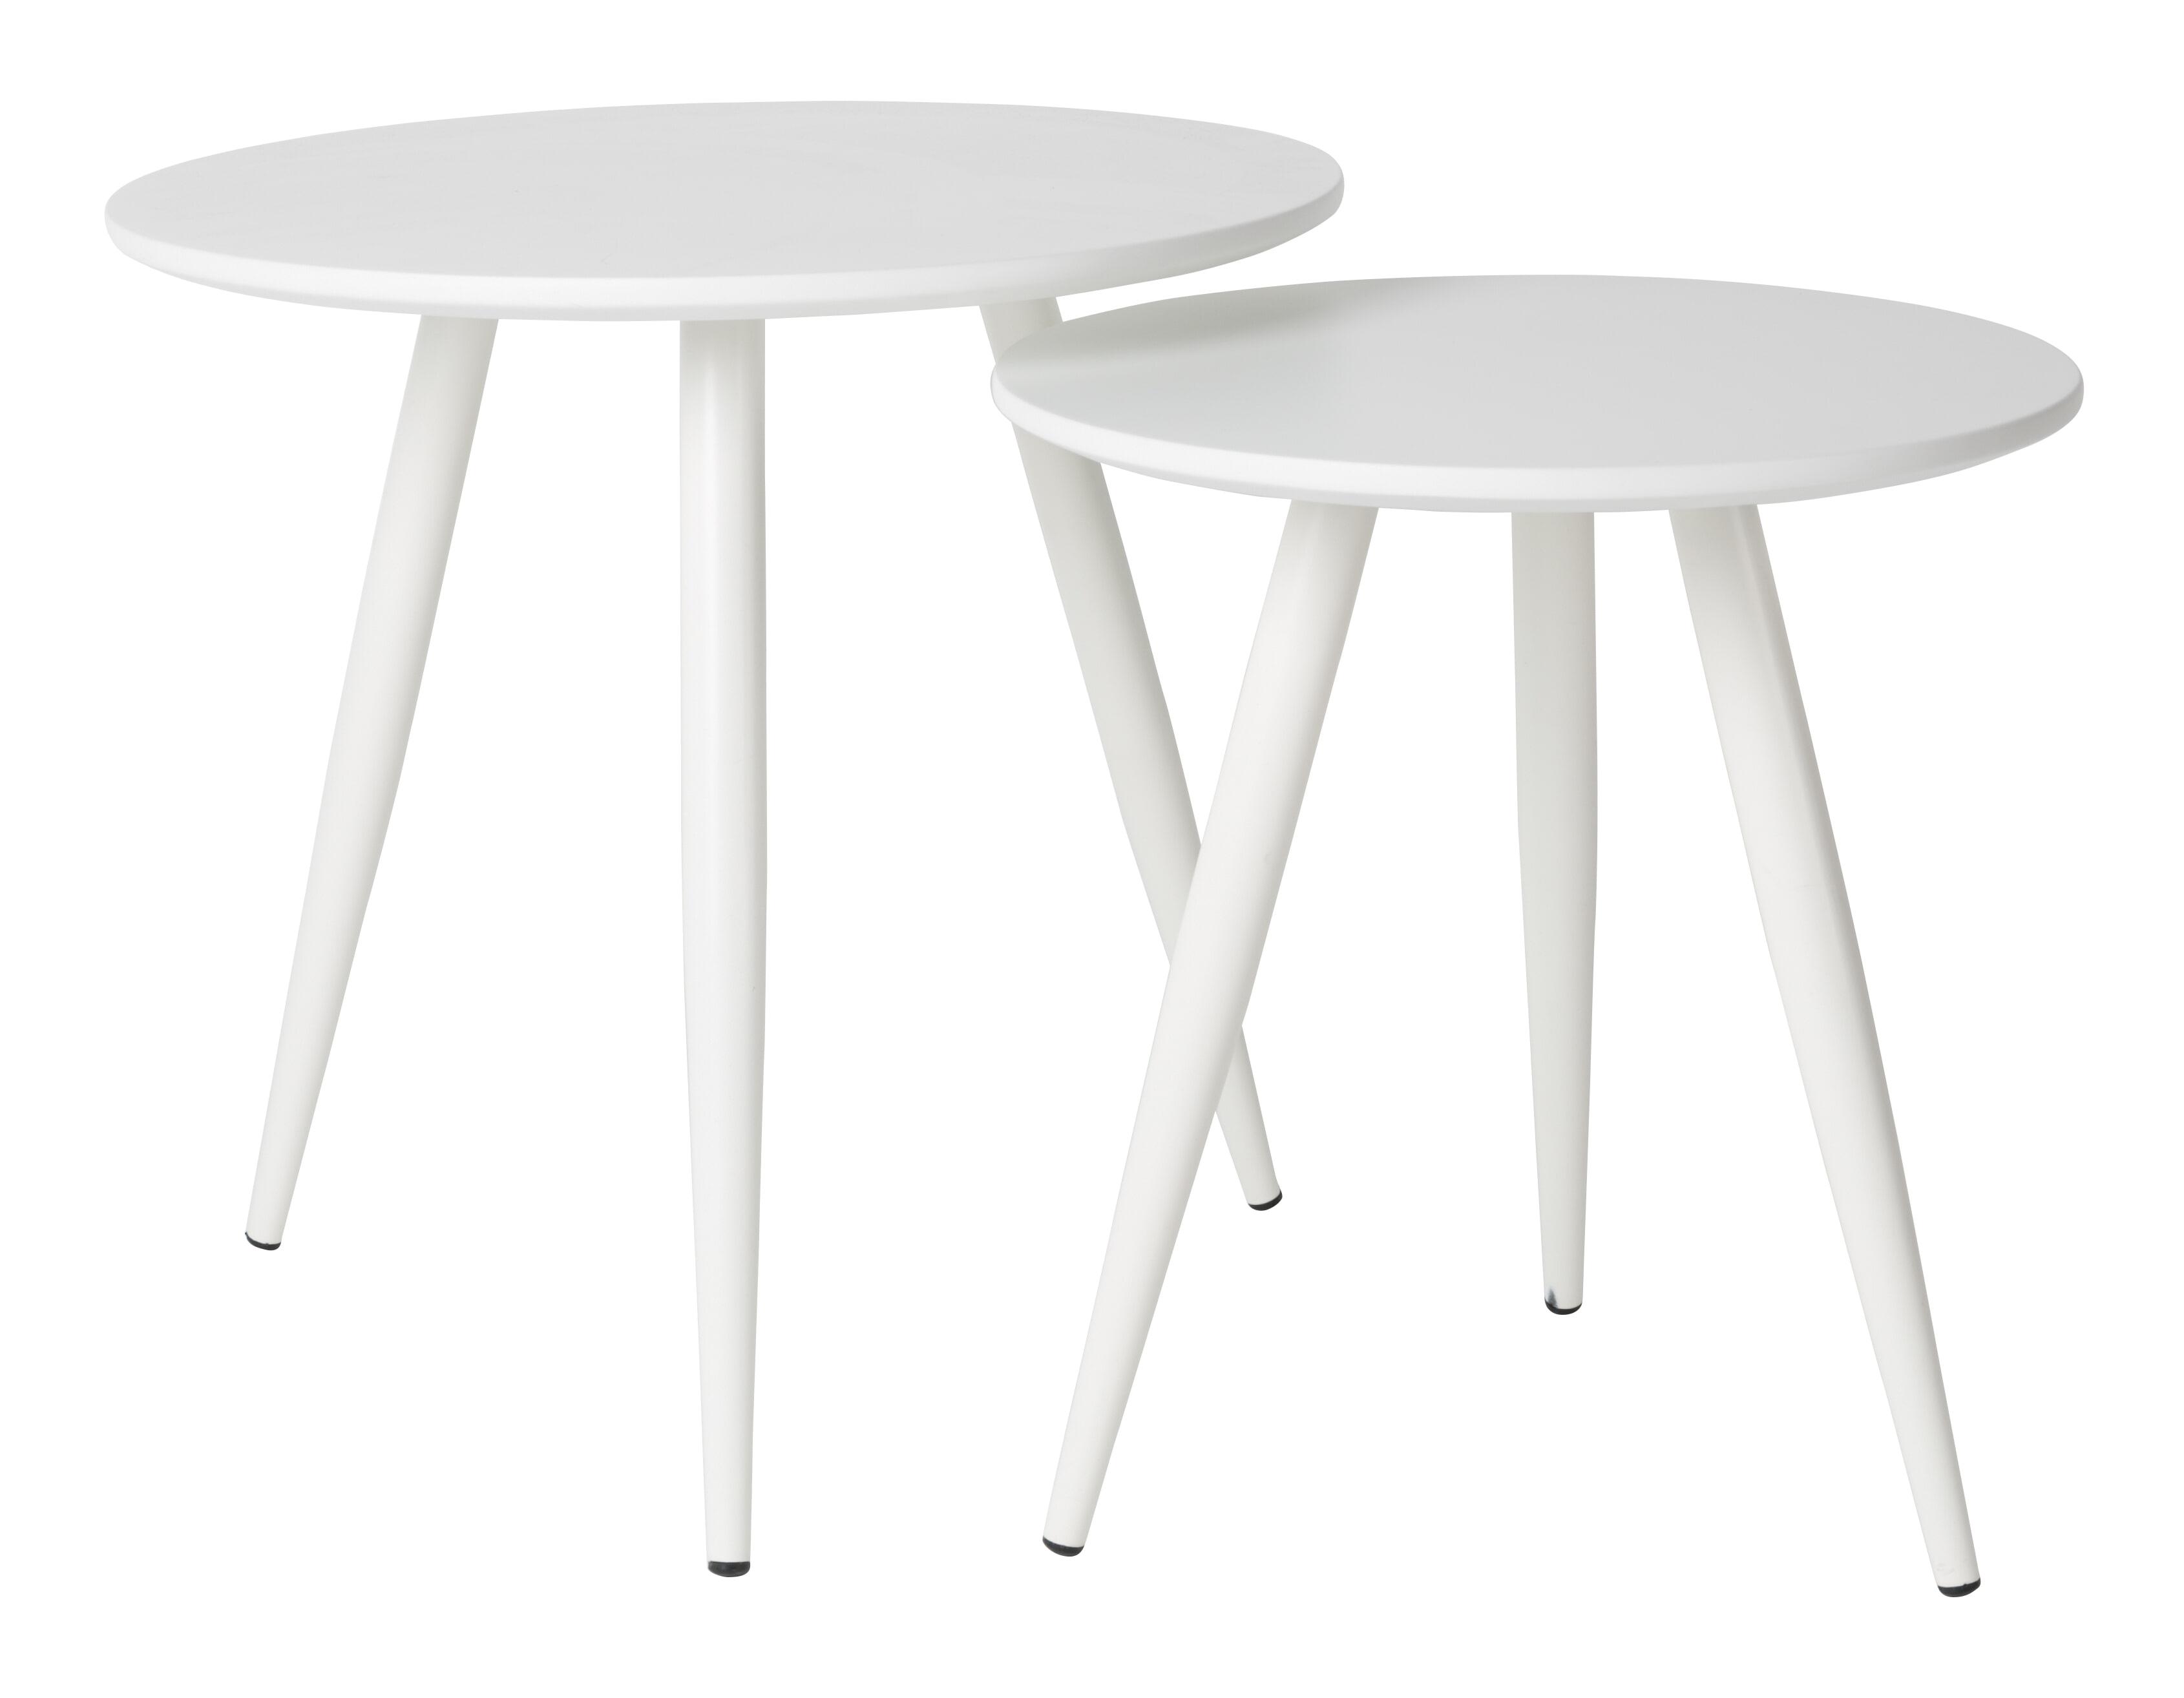 Bijzettafel 'Kevan' set van 2 stuks, kleur Wit